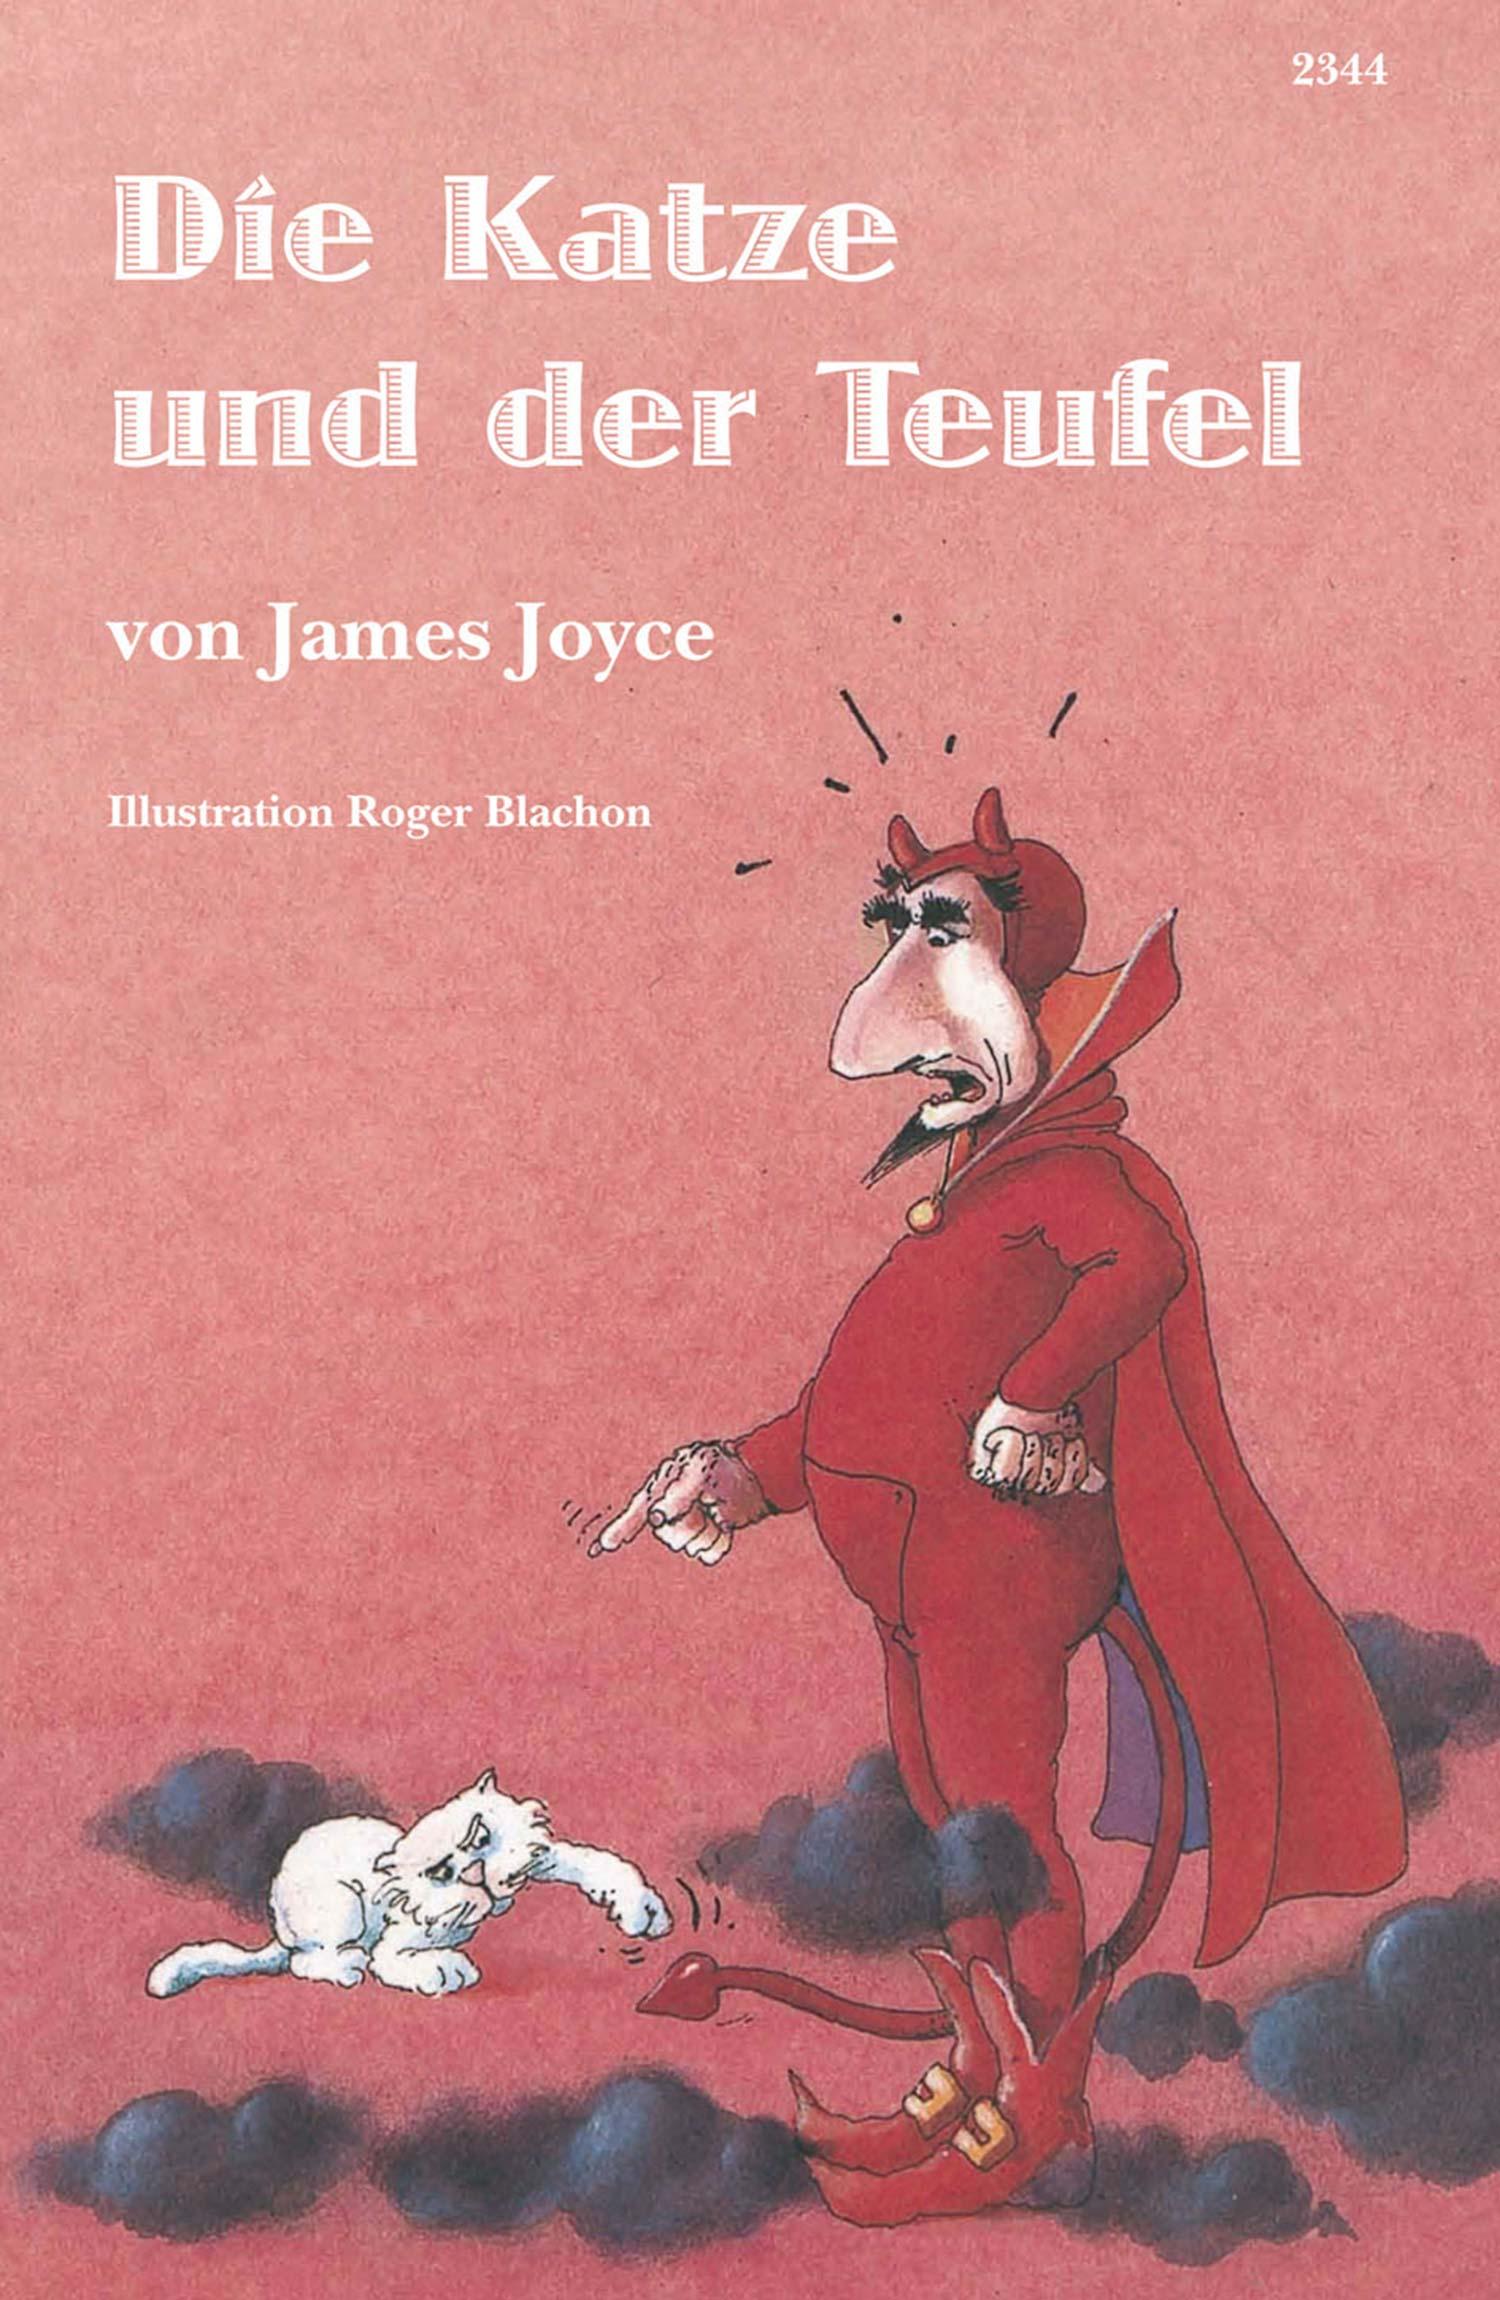 Preview image for LOM object Die Katze und der Teufel